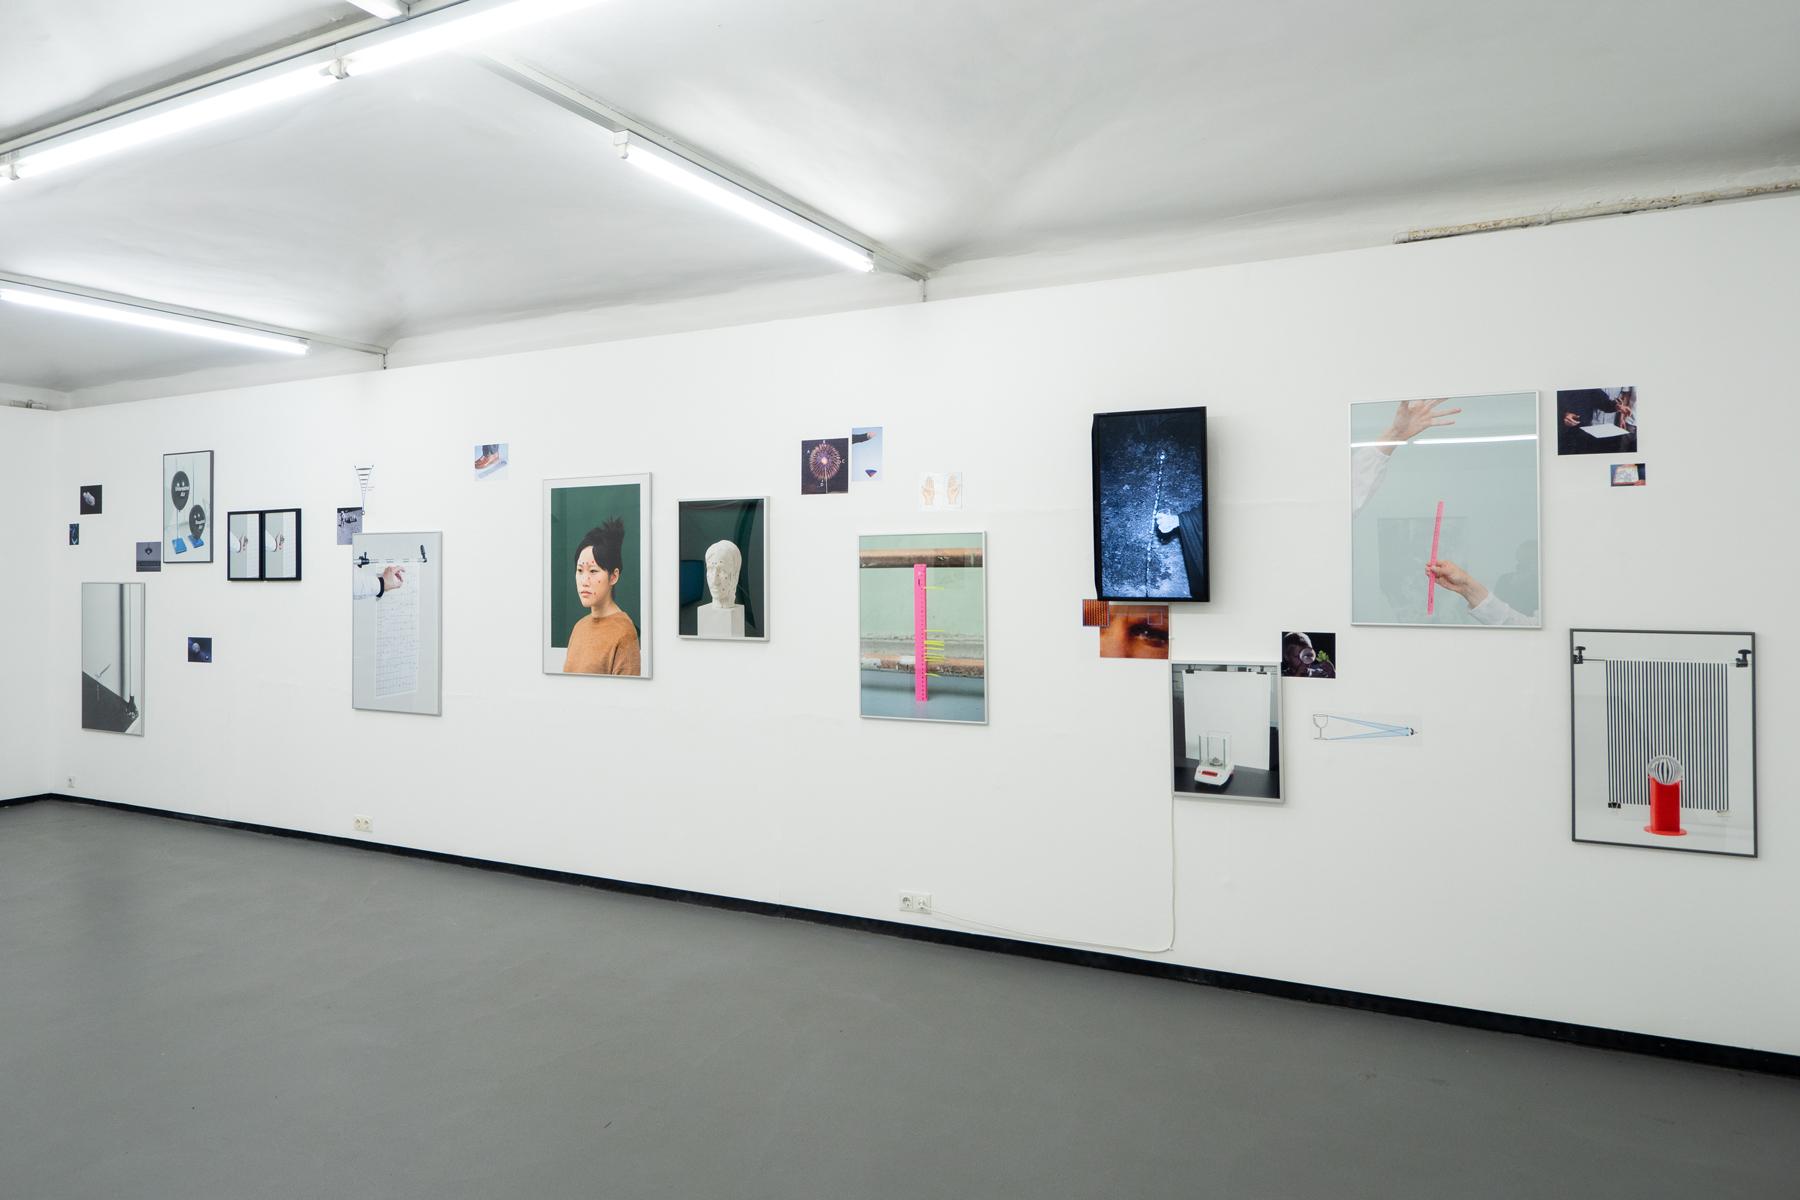 Michael Michmayr for Fotogaleriee Wien